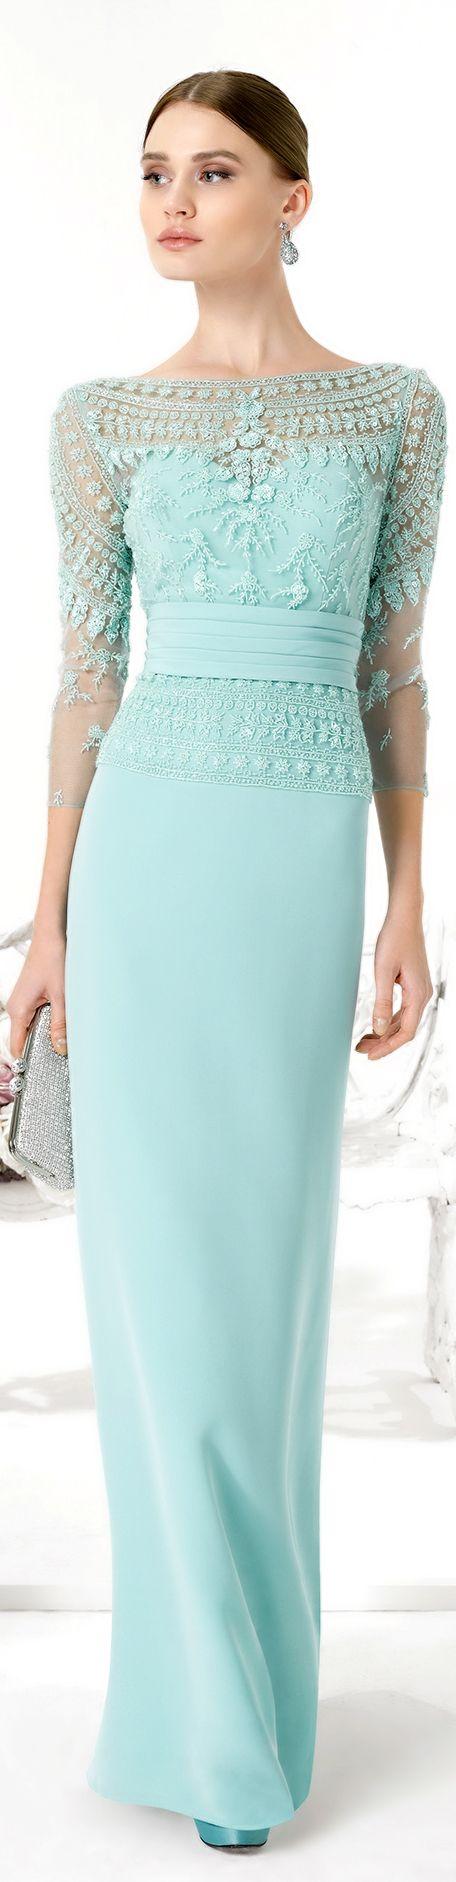 Mejores 2681 imágenes de Especial - Moda en Pinterest | Vestidos de ...